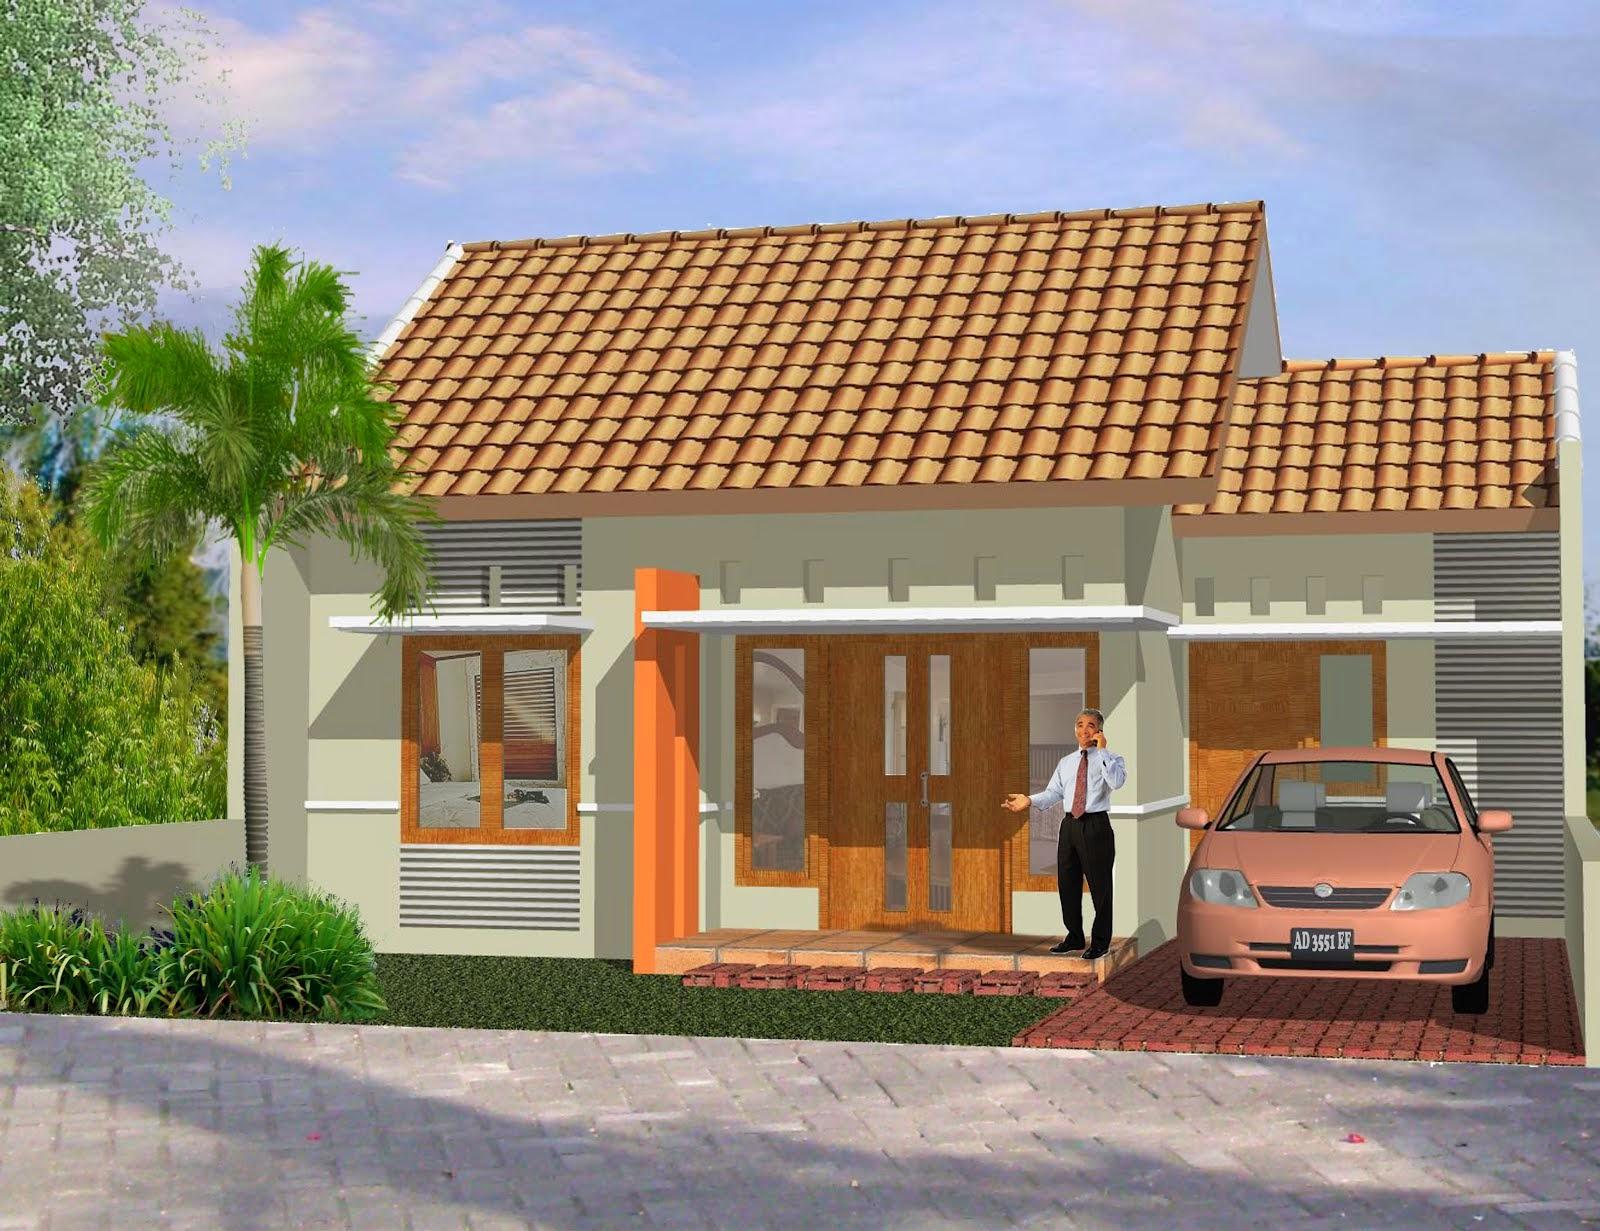 Tips Sebelum Memilih Desain Rumah Sederhana & Rumah Minimalis Indah sederhana | Rumah Minimalis Sederhana